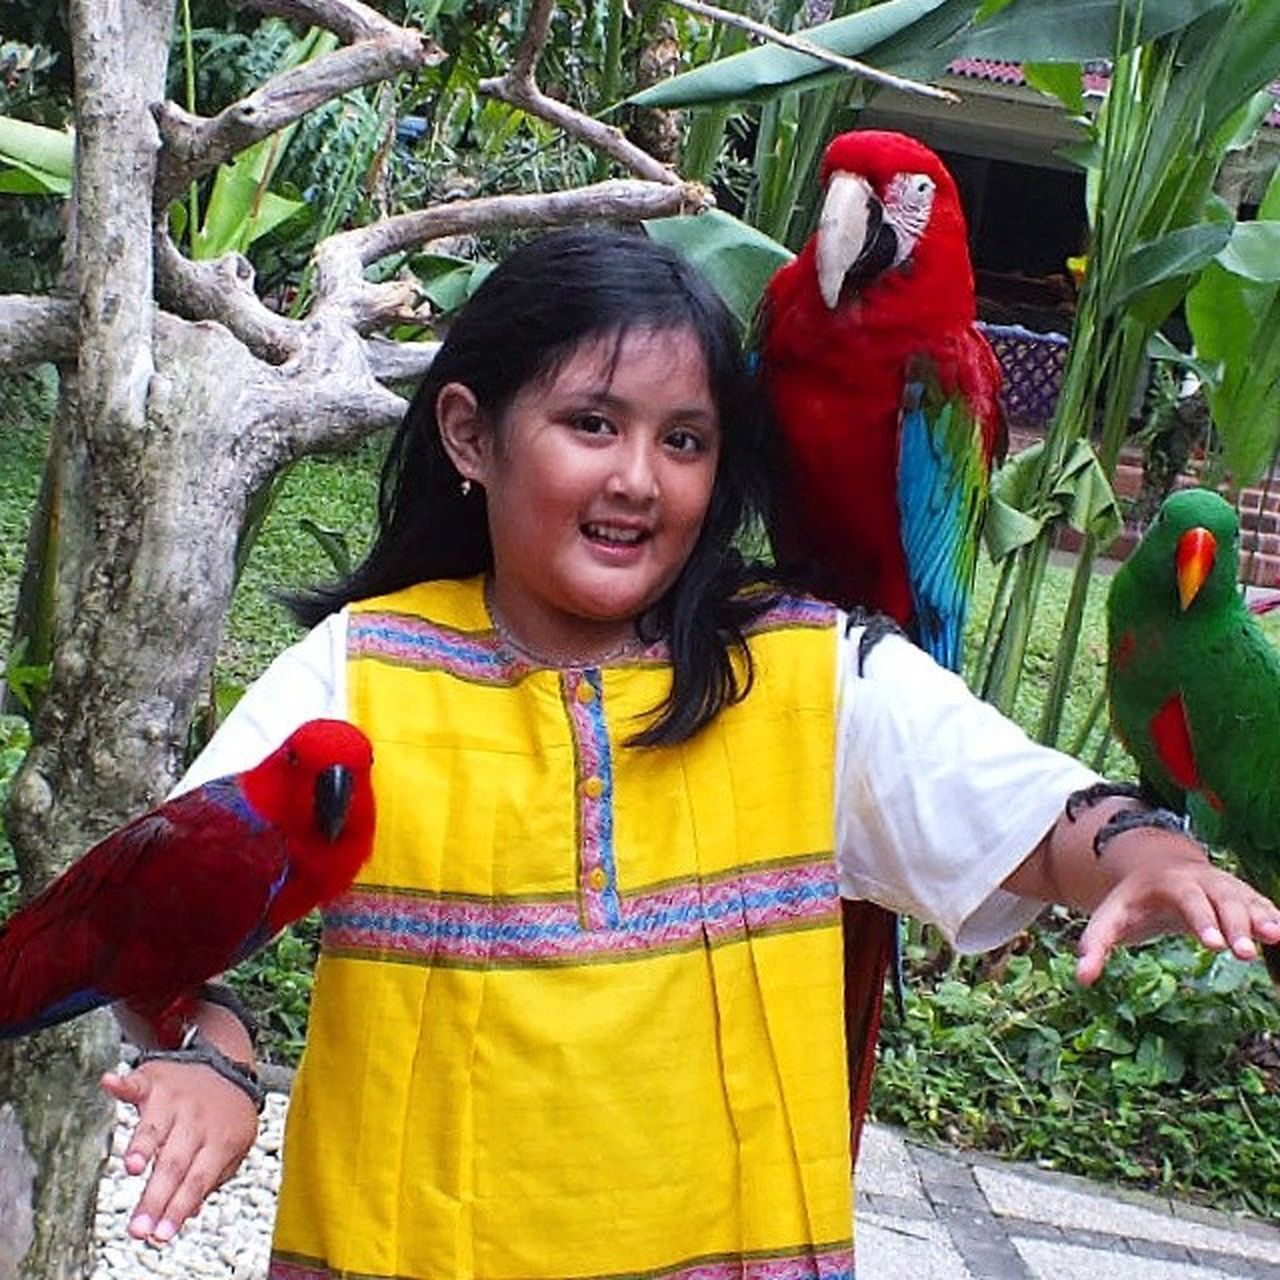 Cita-citanya pengen jadi dokter hewan yg punya kebun binatang sendiri, dari kecil udah suka sama semua hewan, dari serangga, sampai gajah.. kemaren baru melihara tokek hehehe anak cantikku ini Birdpark Liburan INDONESIA Baliisland